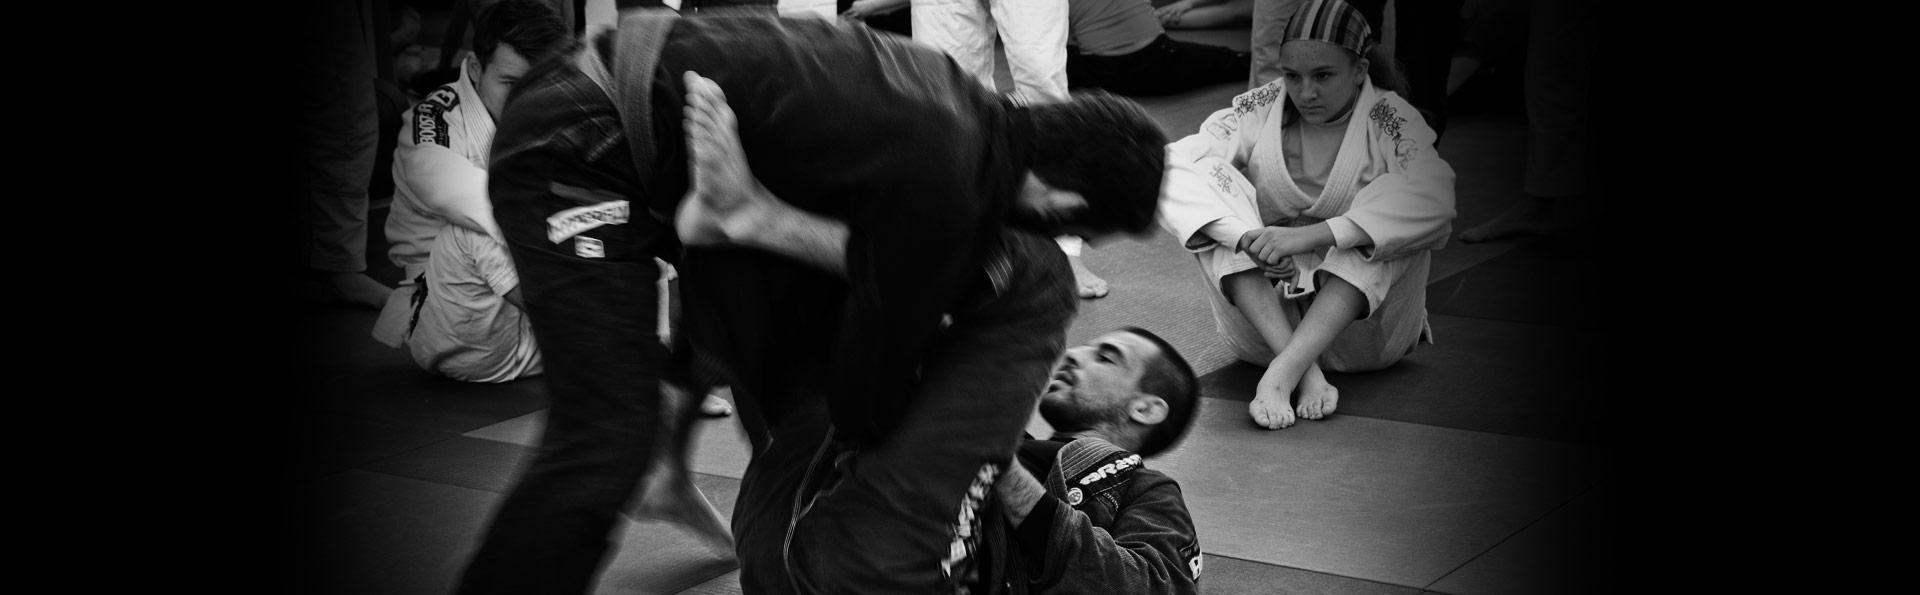 Brasa Brazilian Jiu Jitsu Leuven Belgium Martial Arts Wim Deputter Teaching open guard